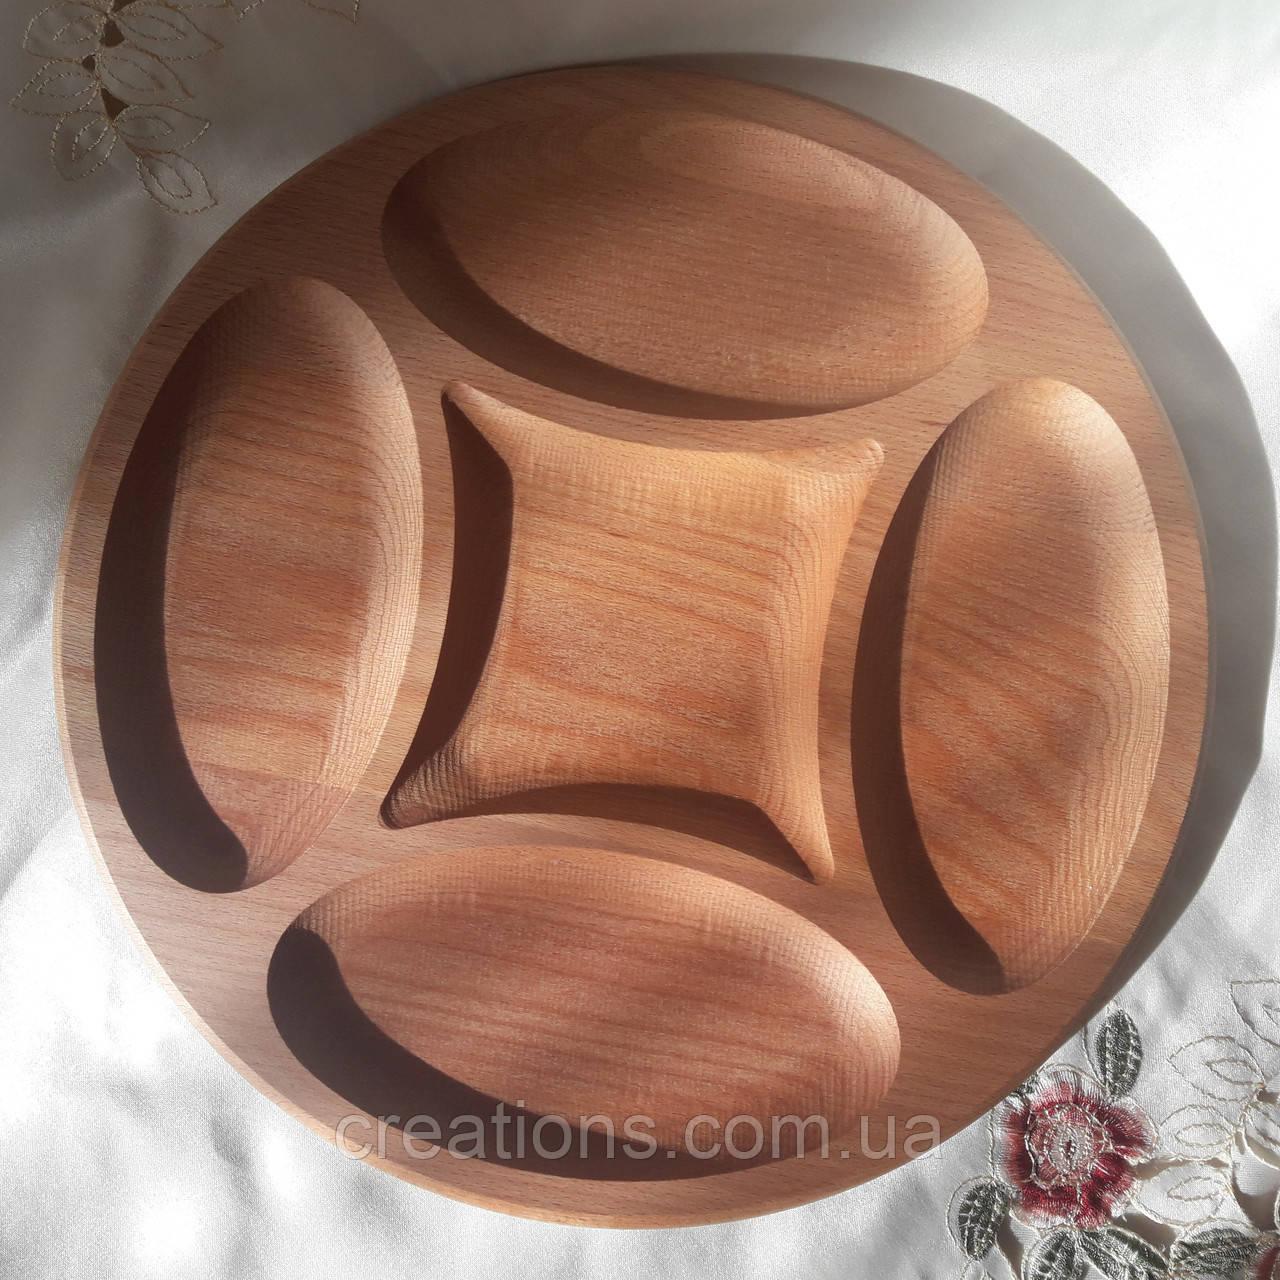 Менажница деревянная круглая 26 см. из бука на 5 делений, тарелка